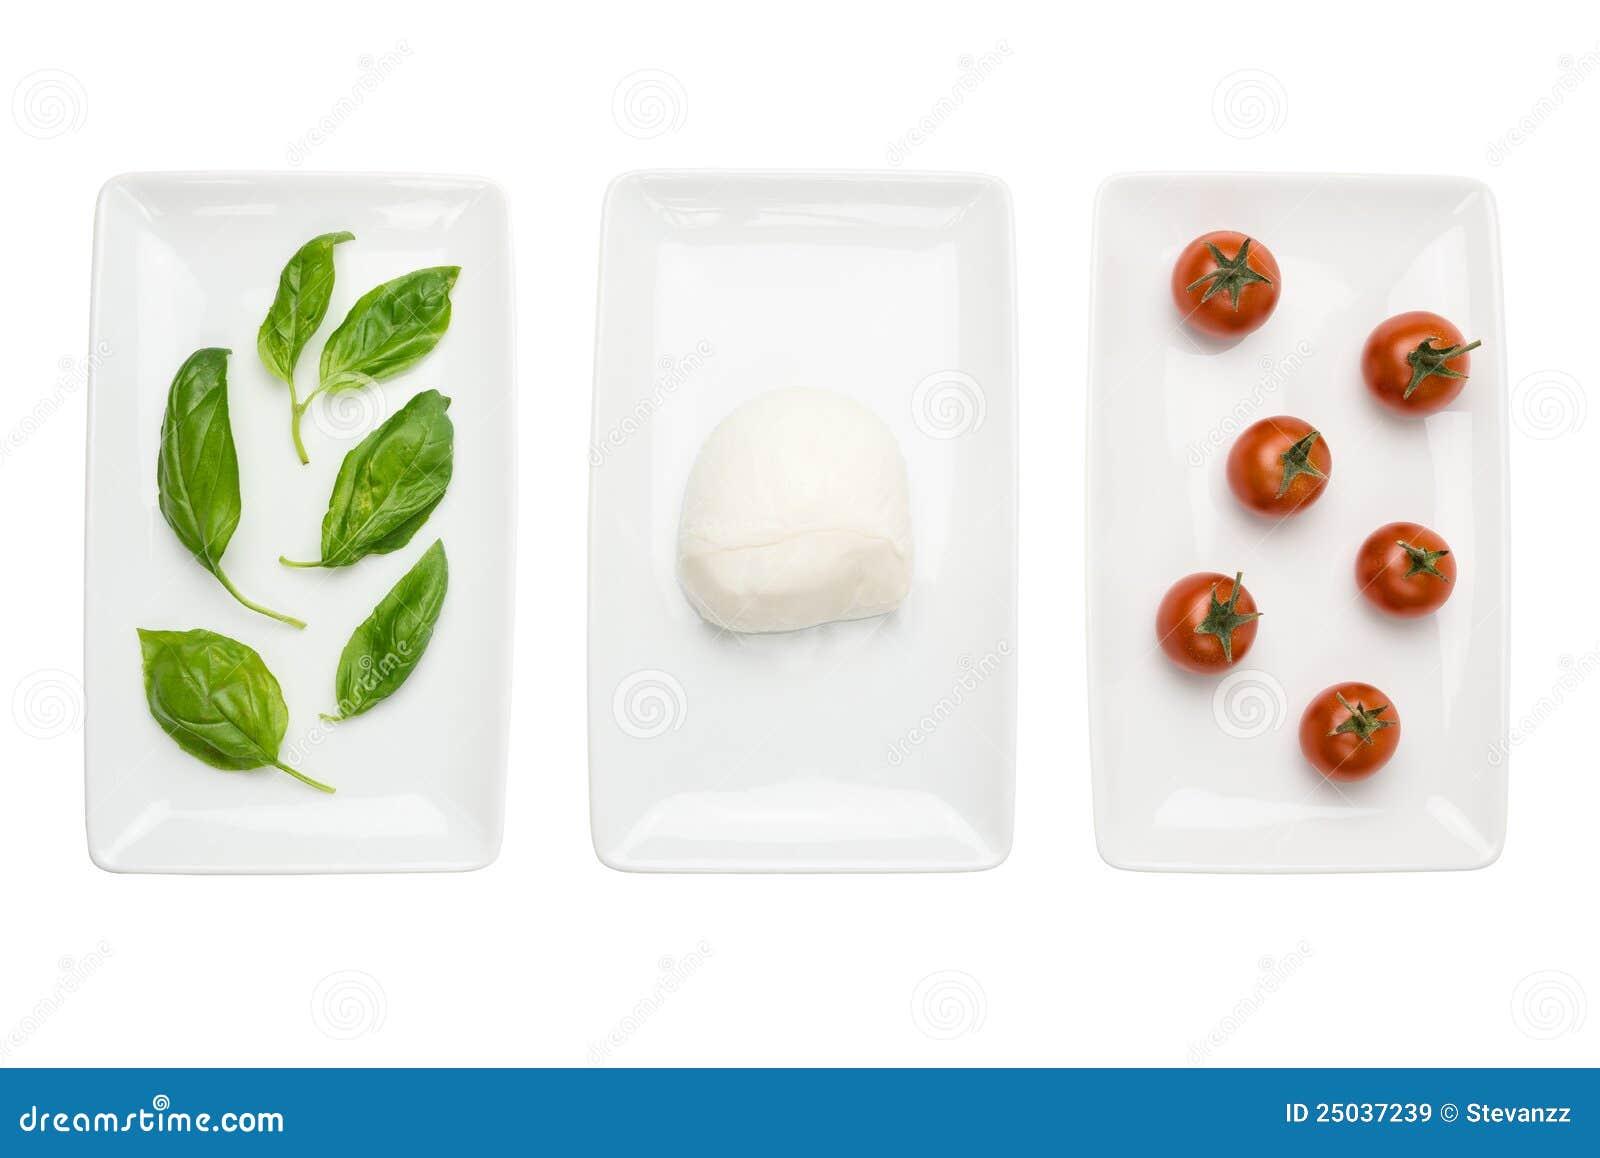 White för tomat för mozzarella för basilikaflaggamat italiensk